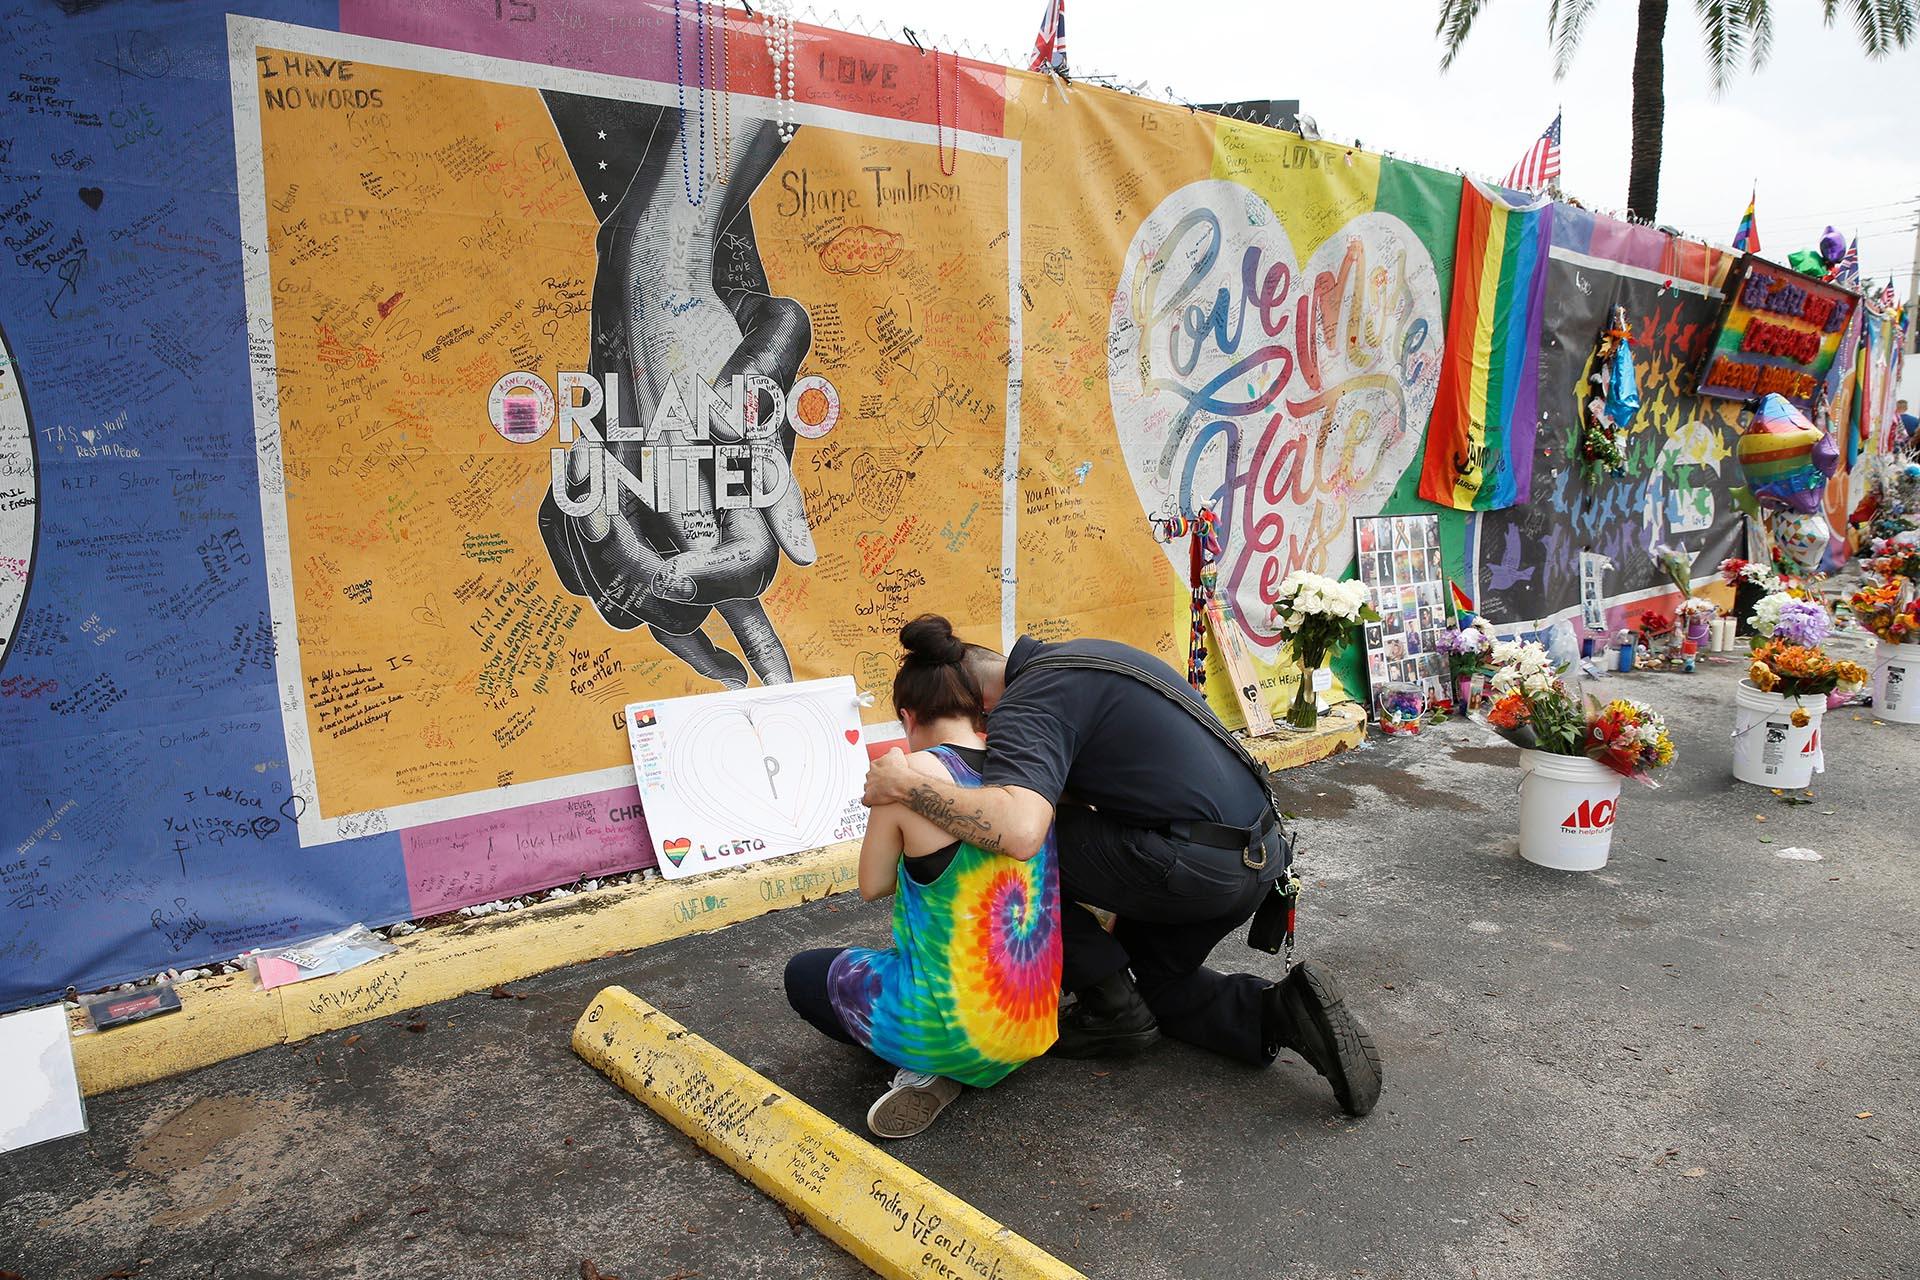 Los ciudadanos de Orlando recordaron a las víctimas del ataque terrorista en la discoteca Pulse a un año del atentado (Reuters)